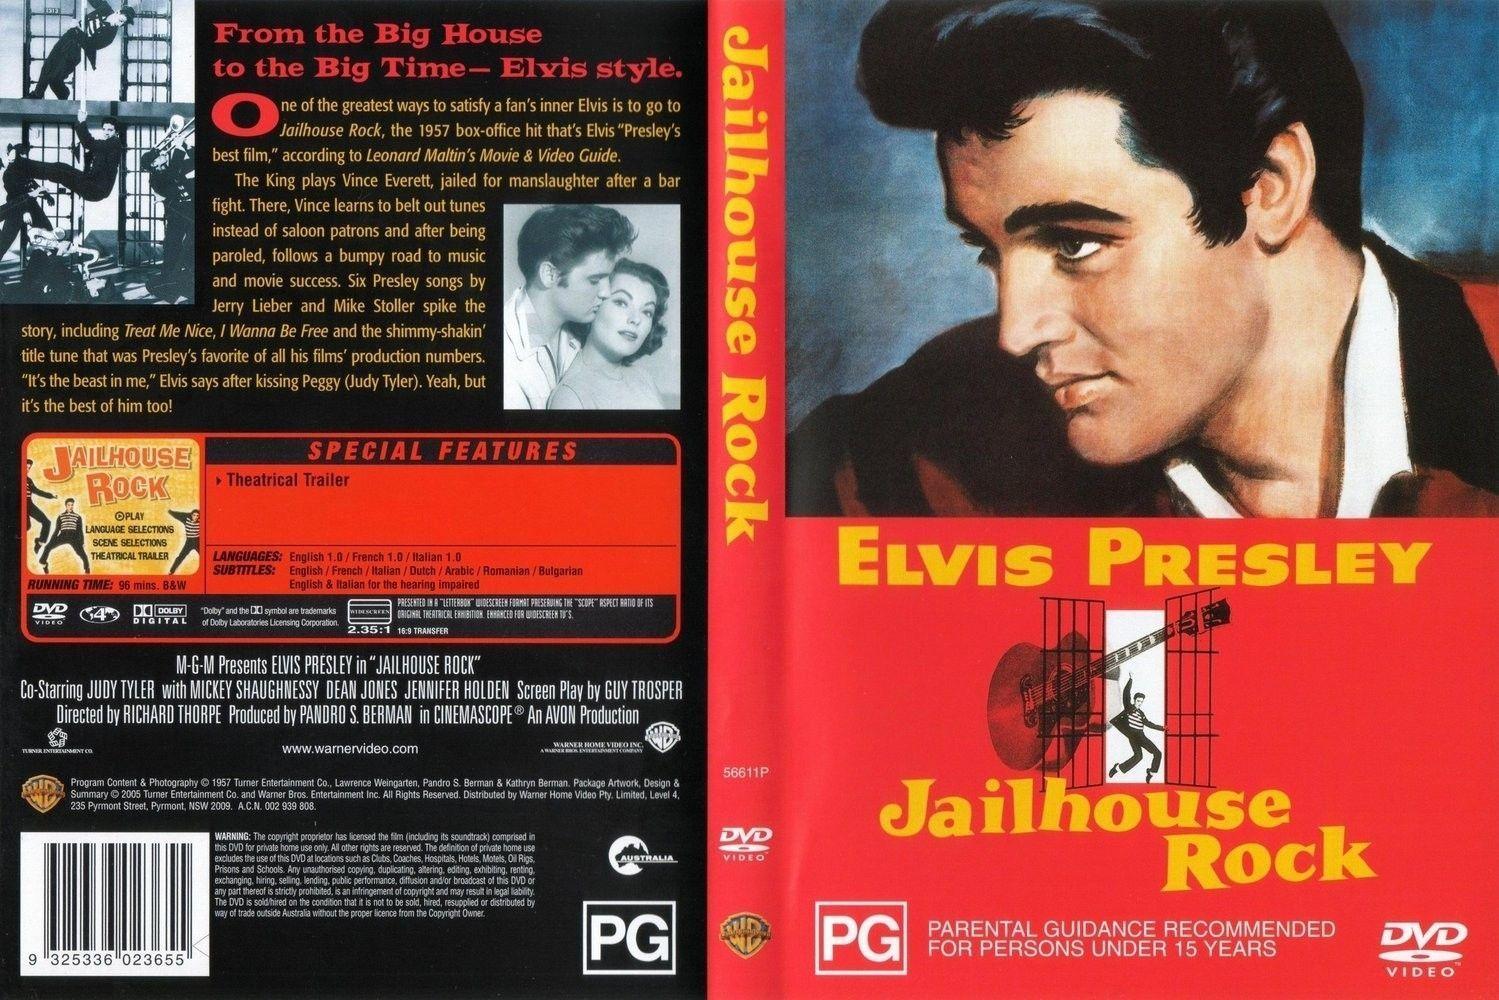 Jailhouse Rock - Color Version DVD